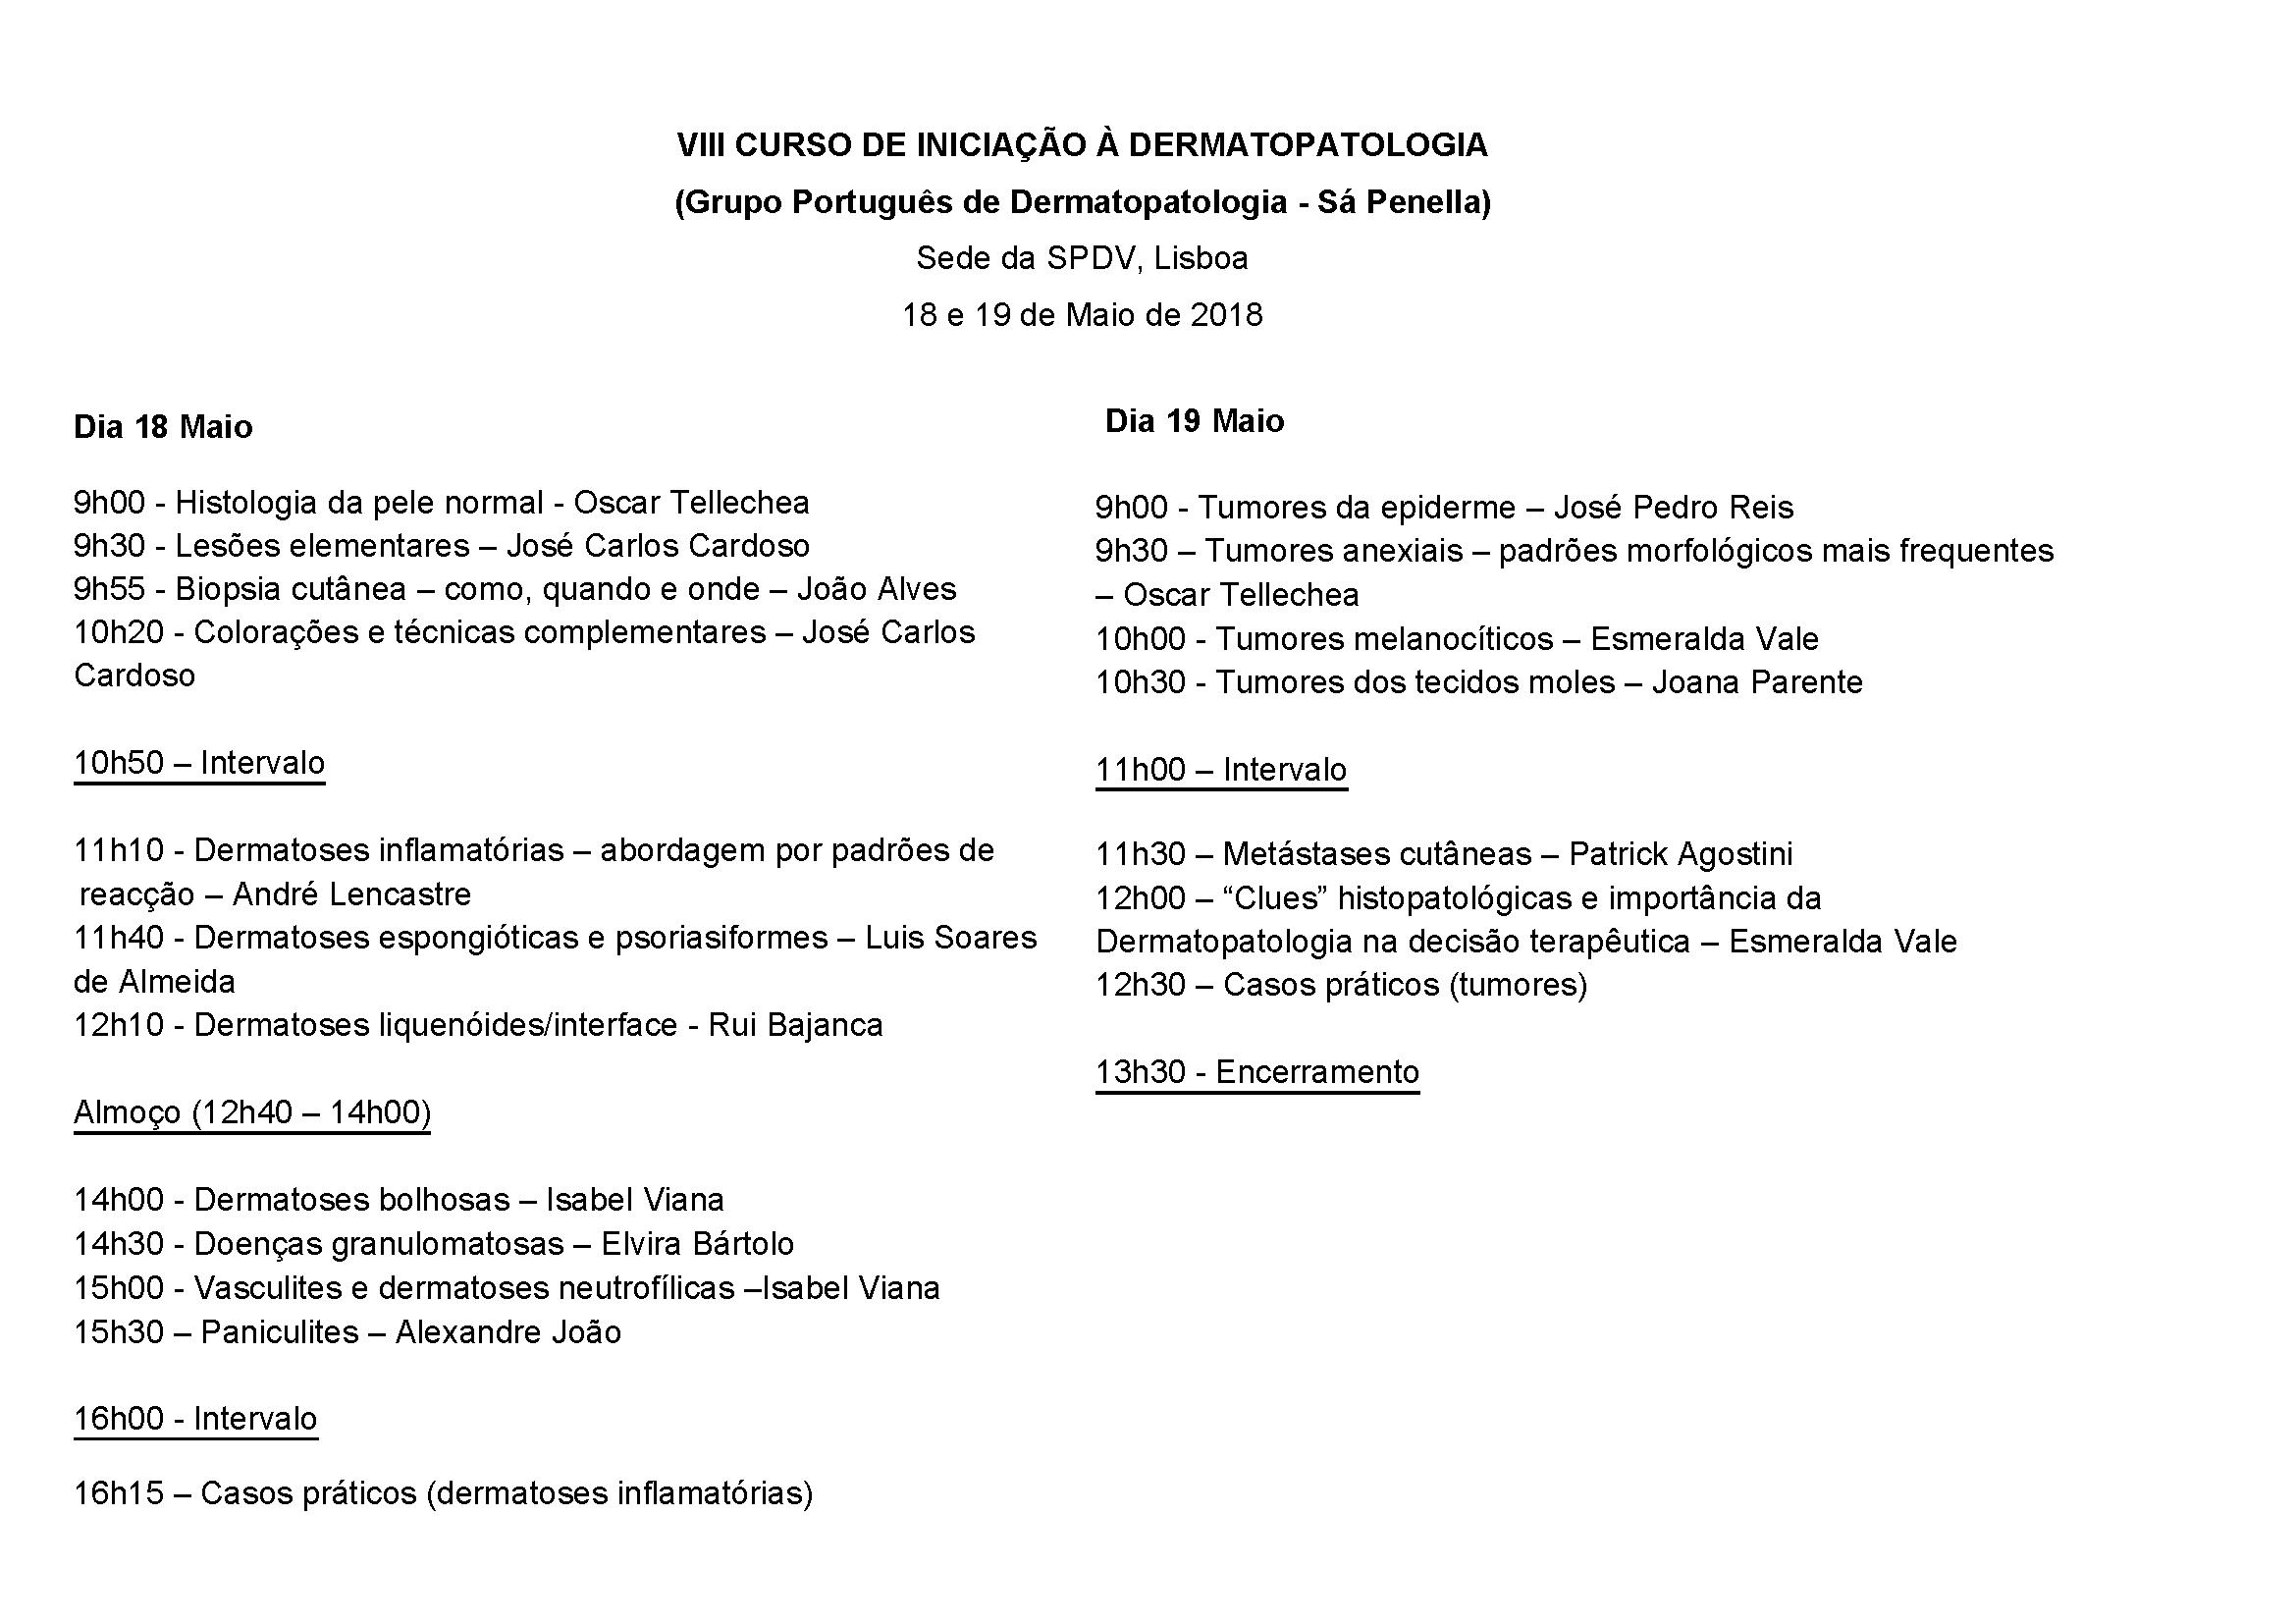 VIII Curso de Iniciação à Dermatopatologia